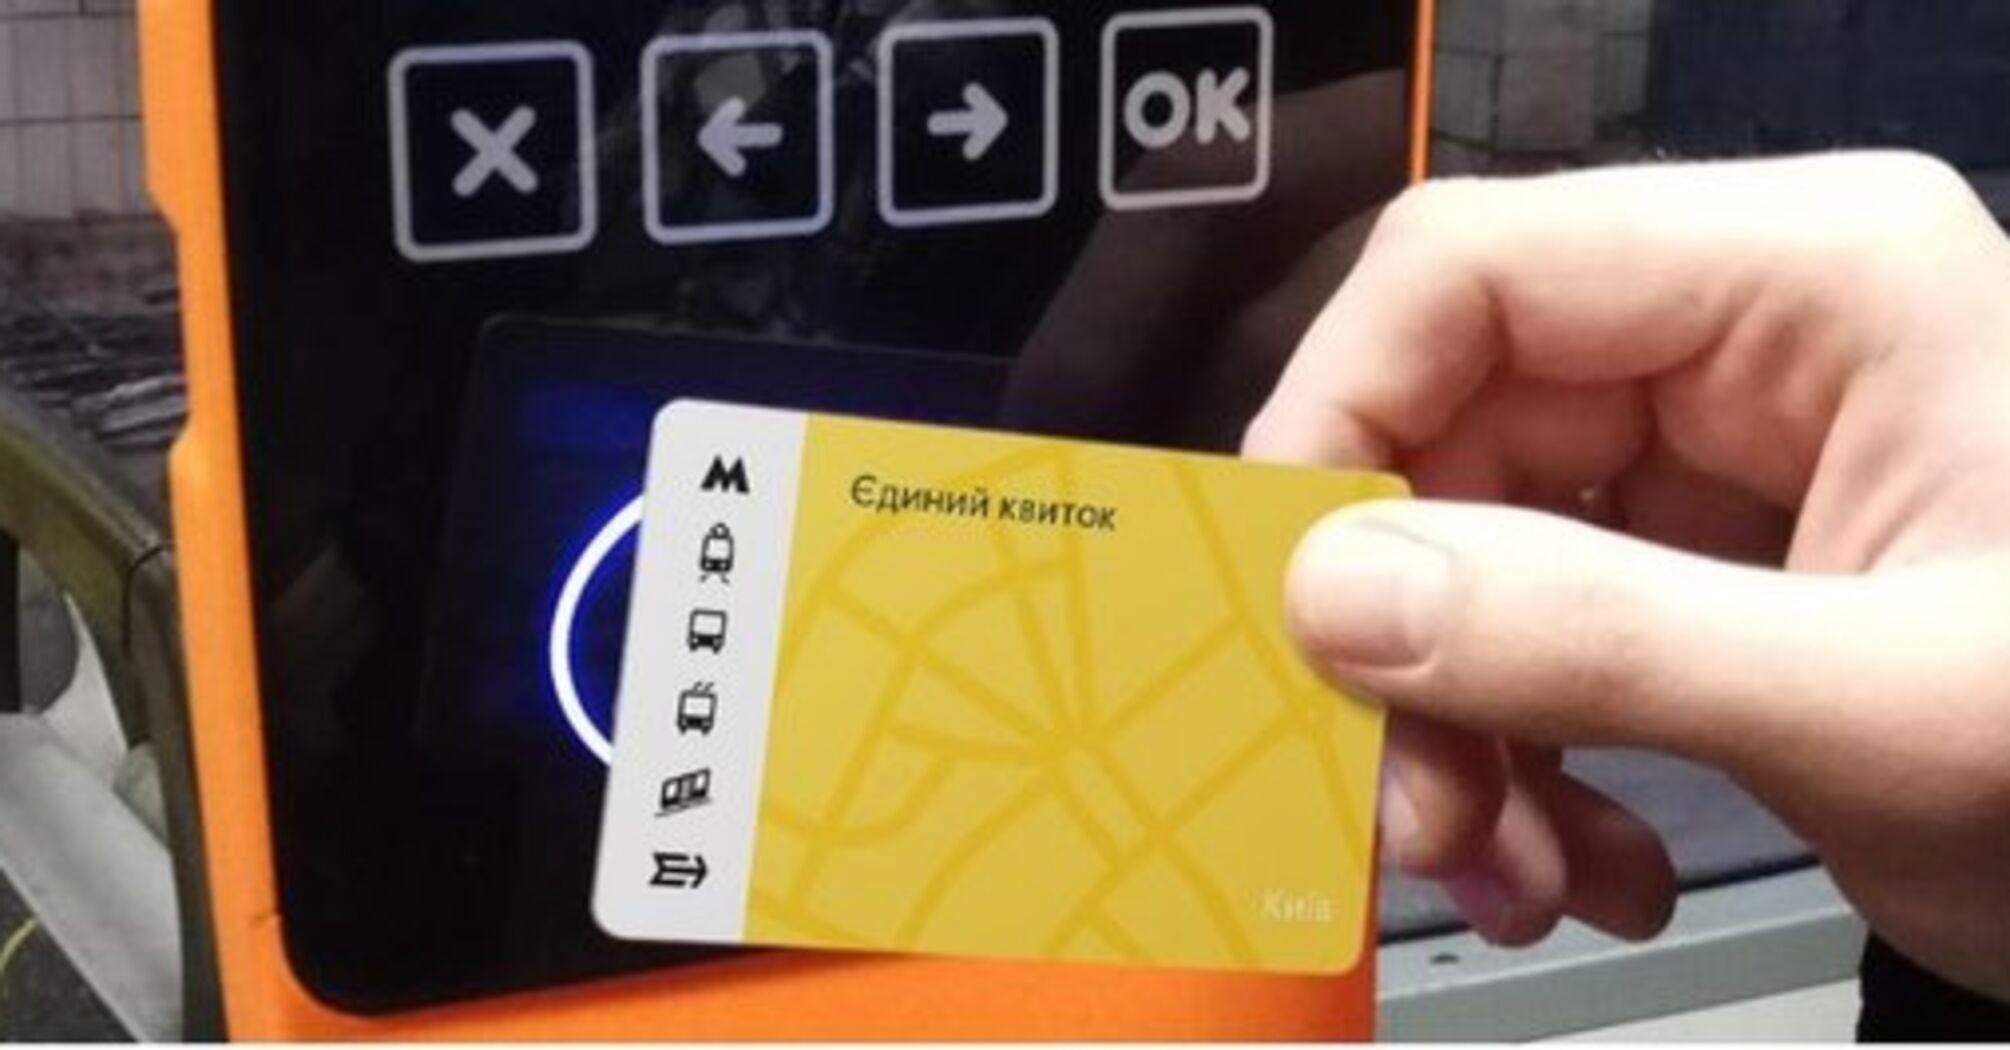 В Киеве запустили единый билет для метро и поездов. Как им воспользоваться?